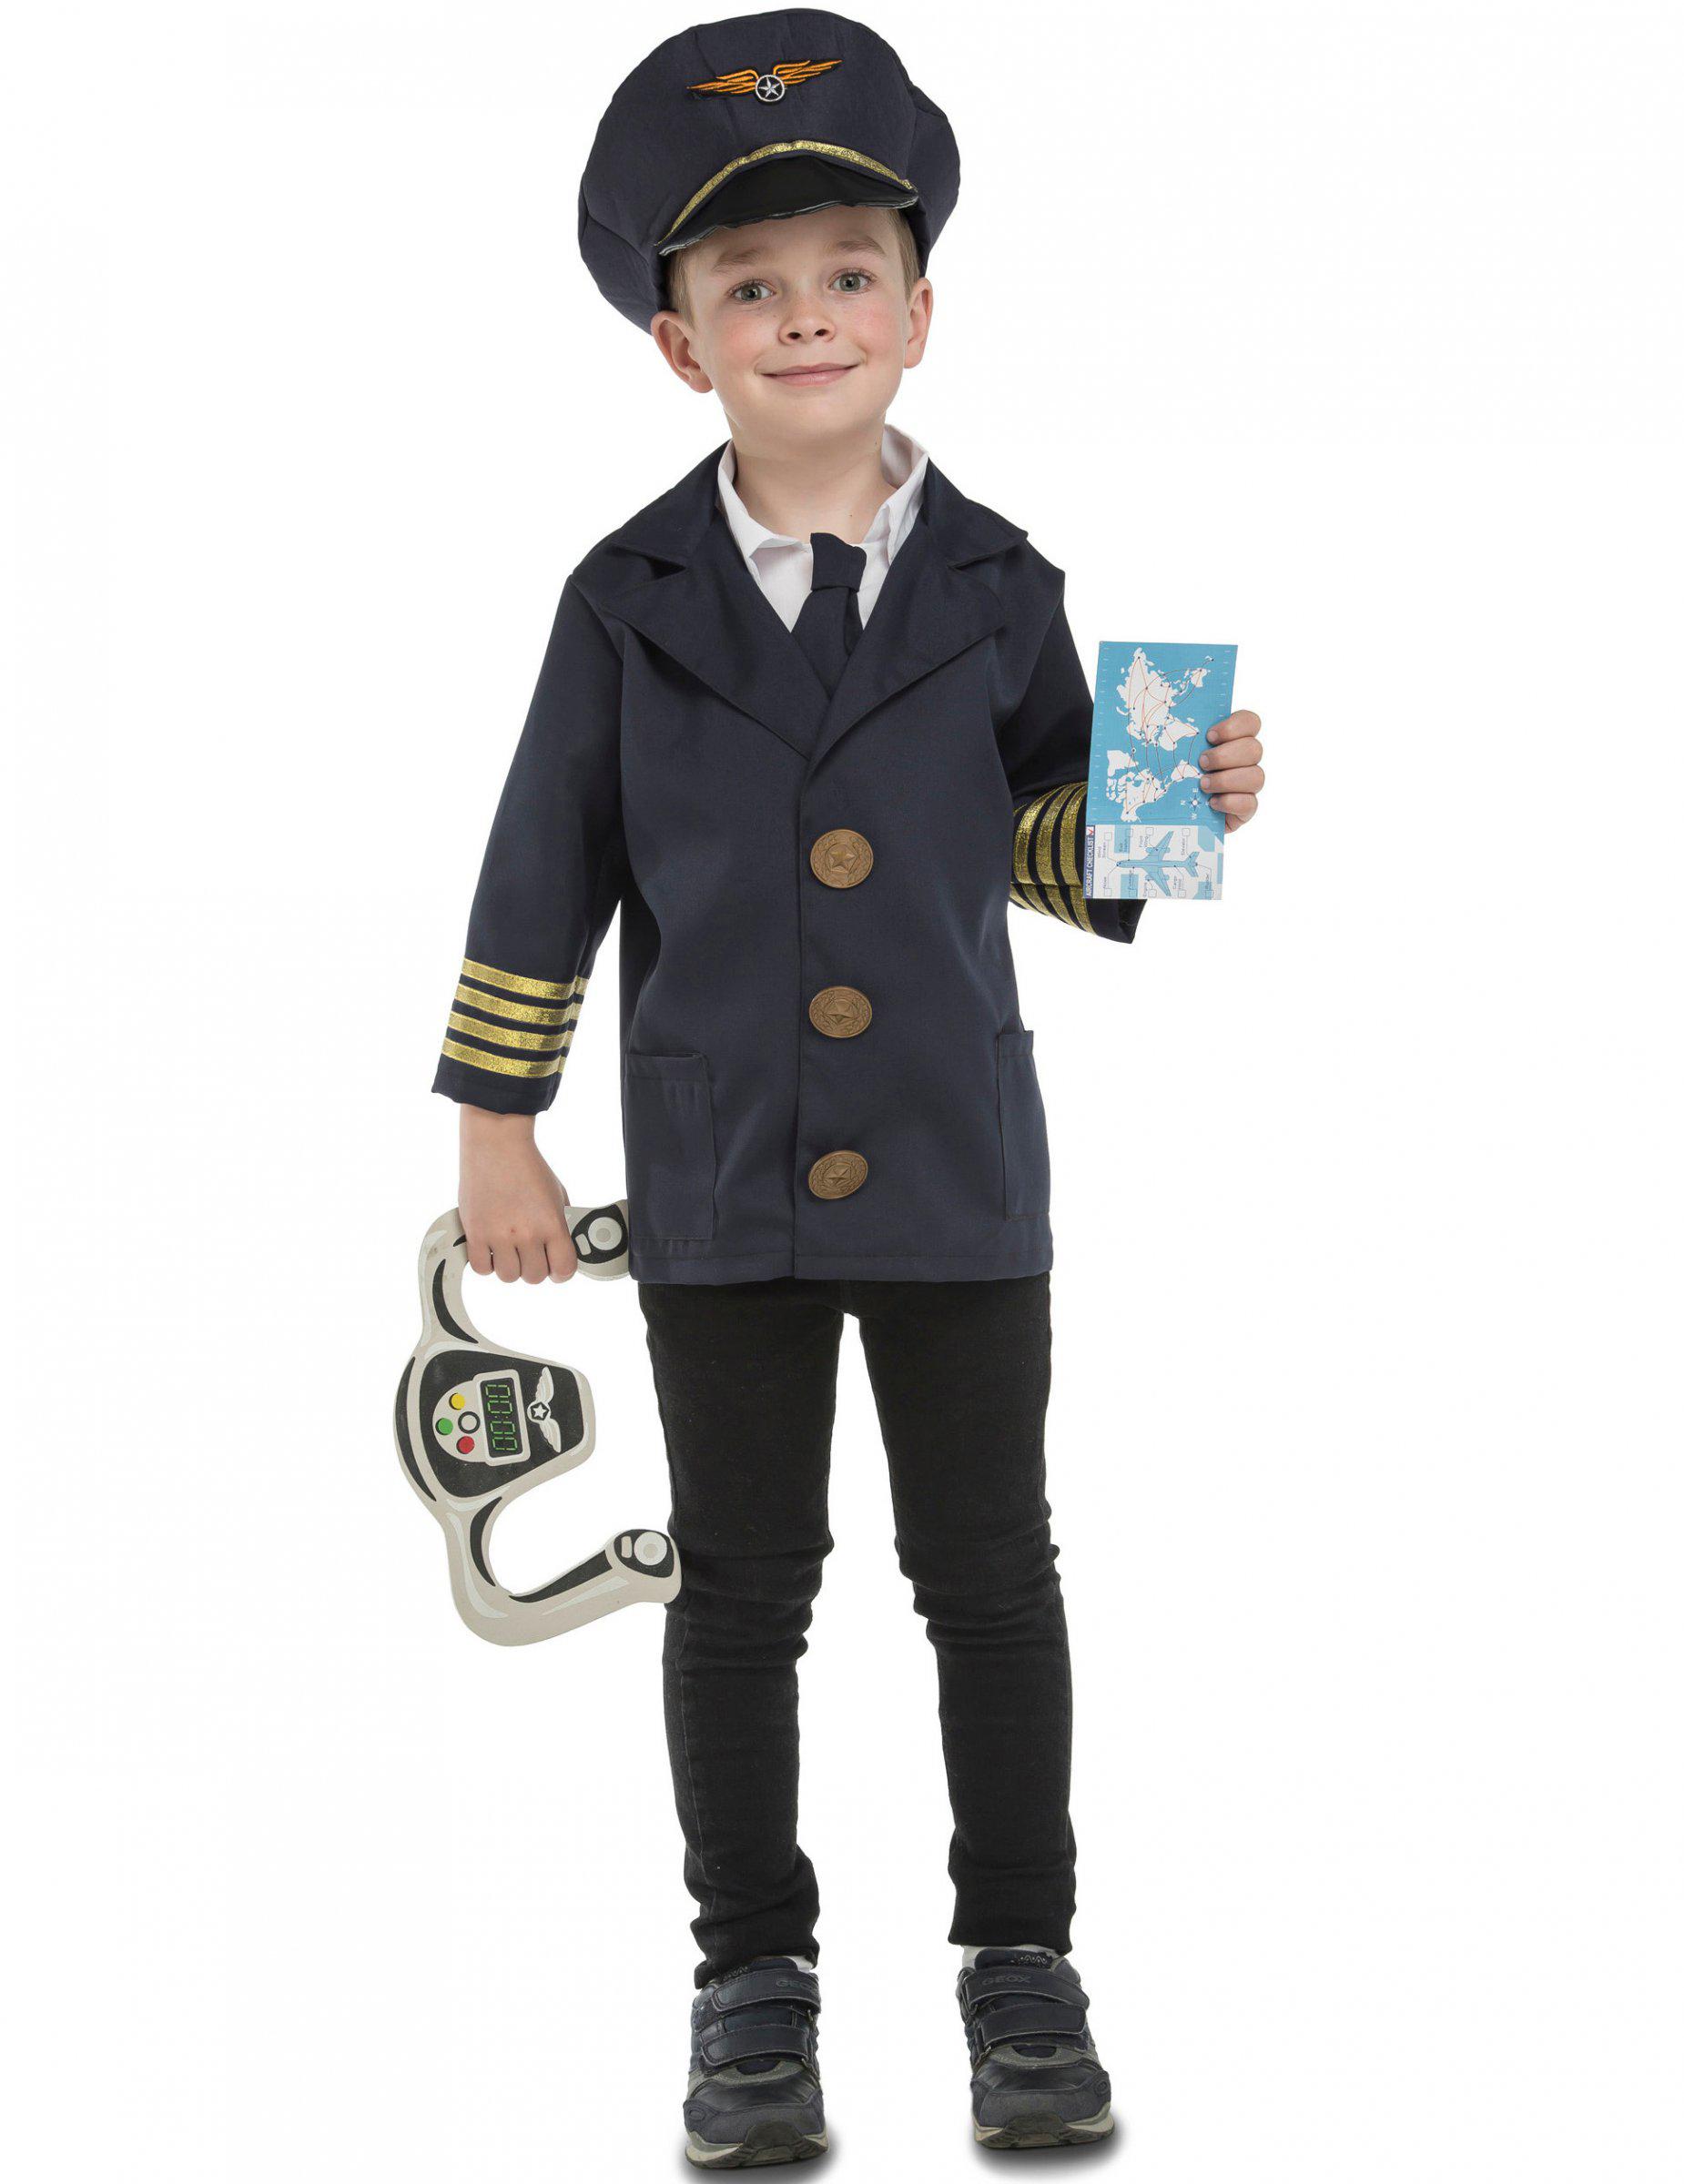 Duktig Pilot - Maskeraddräkt med tillbehör för barn f4d883545f247